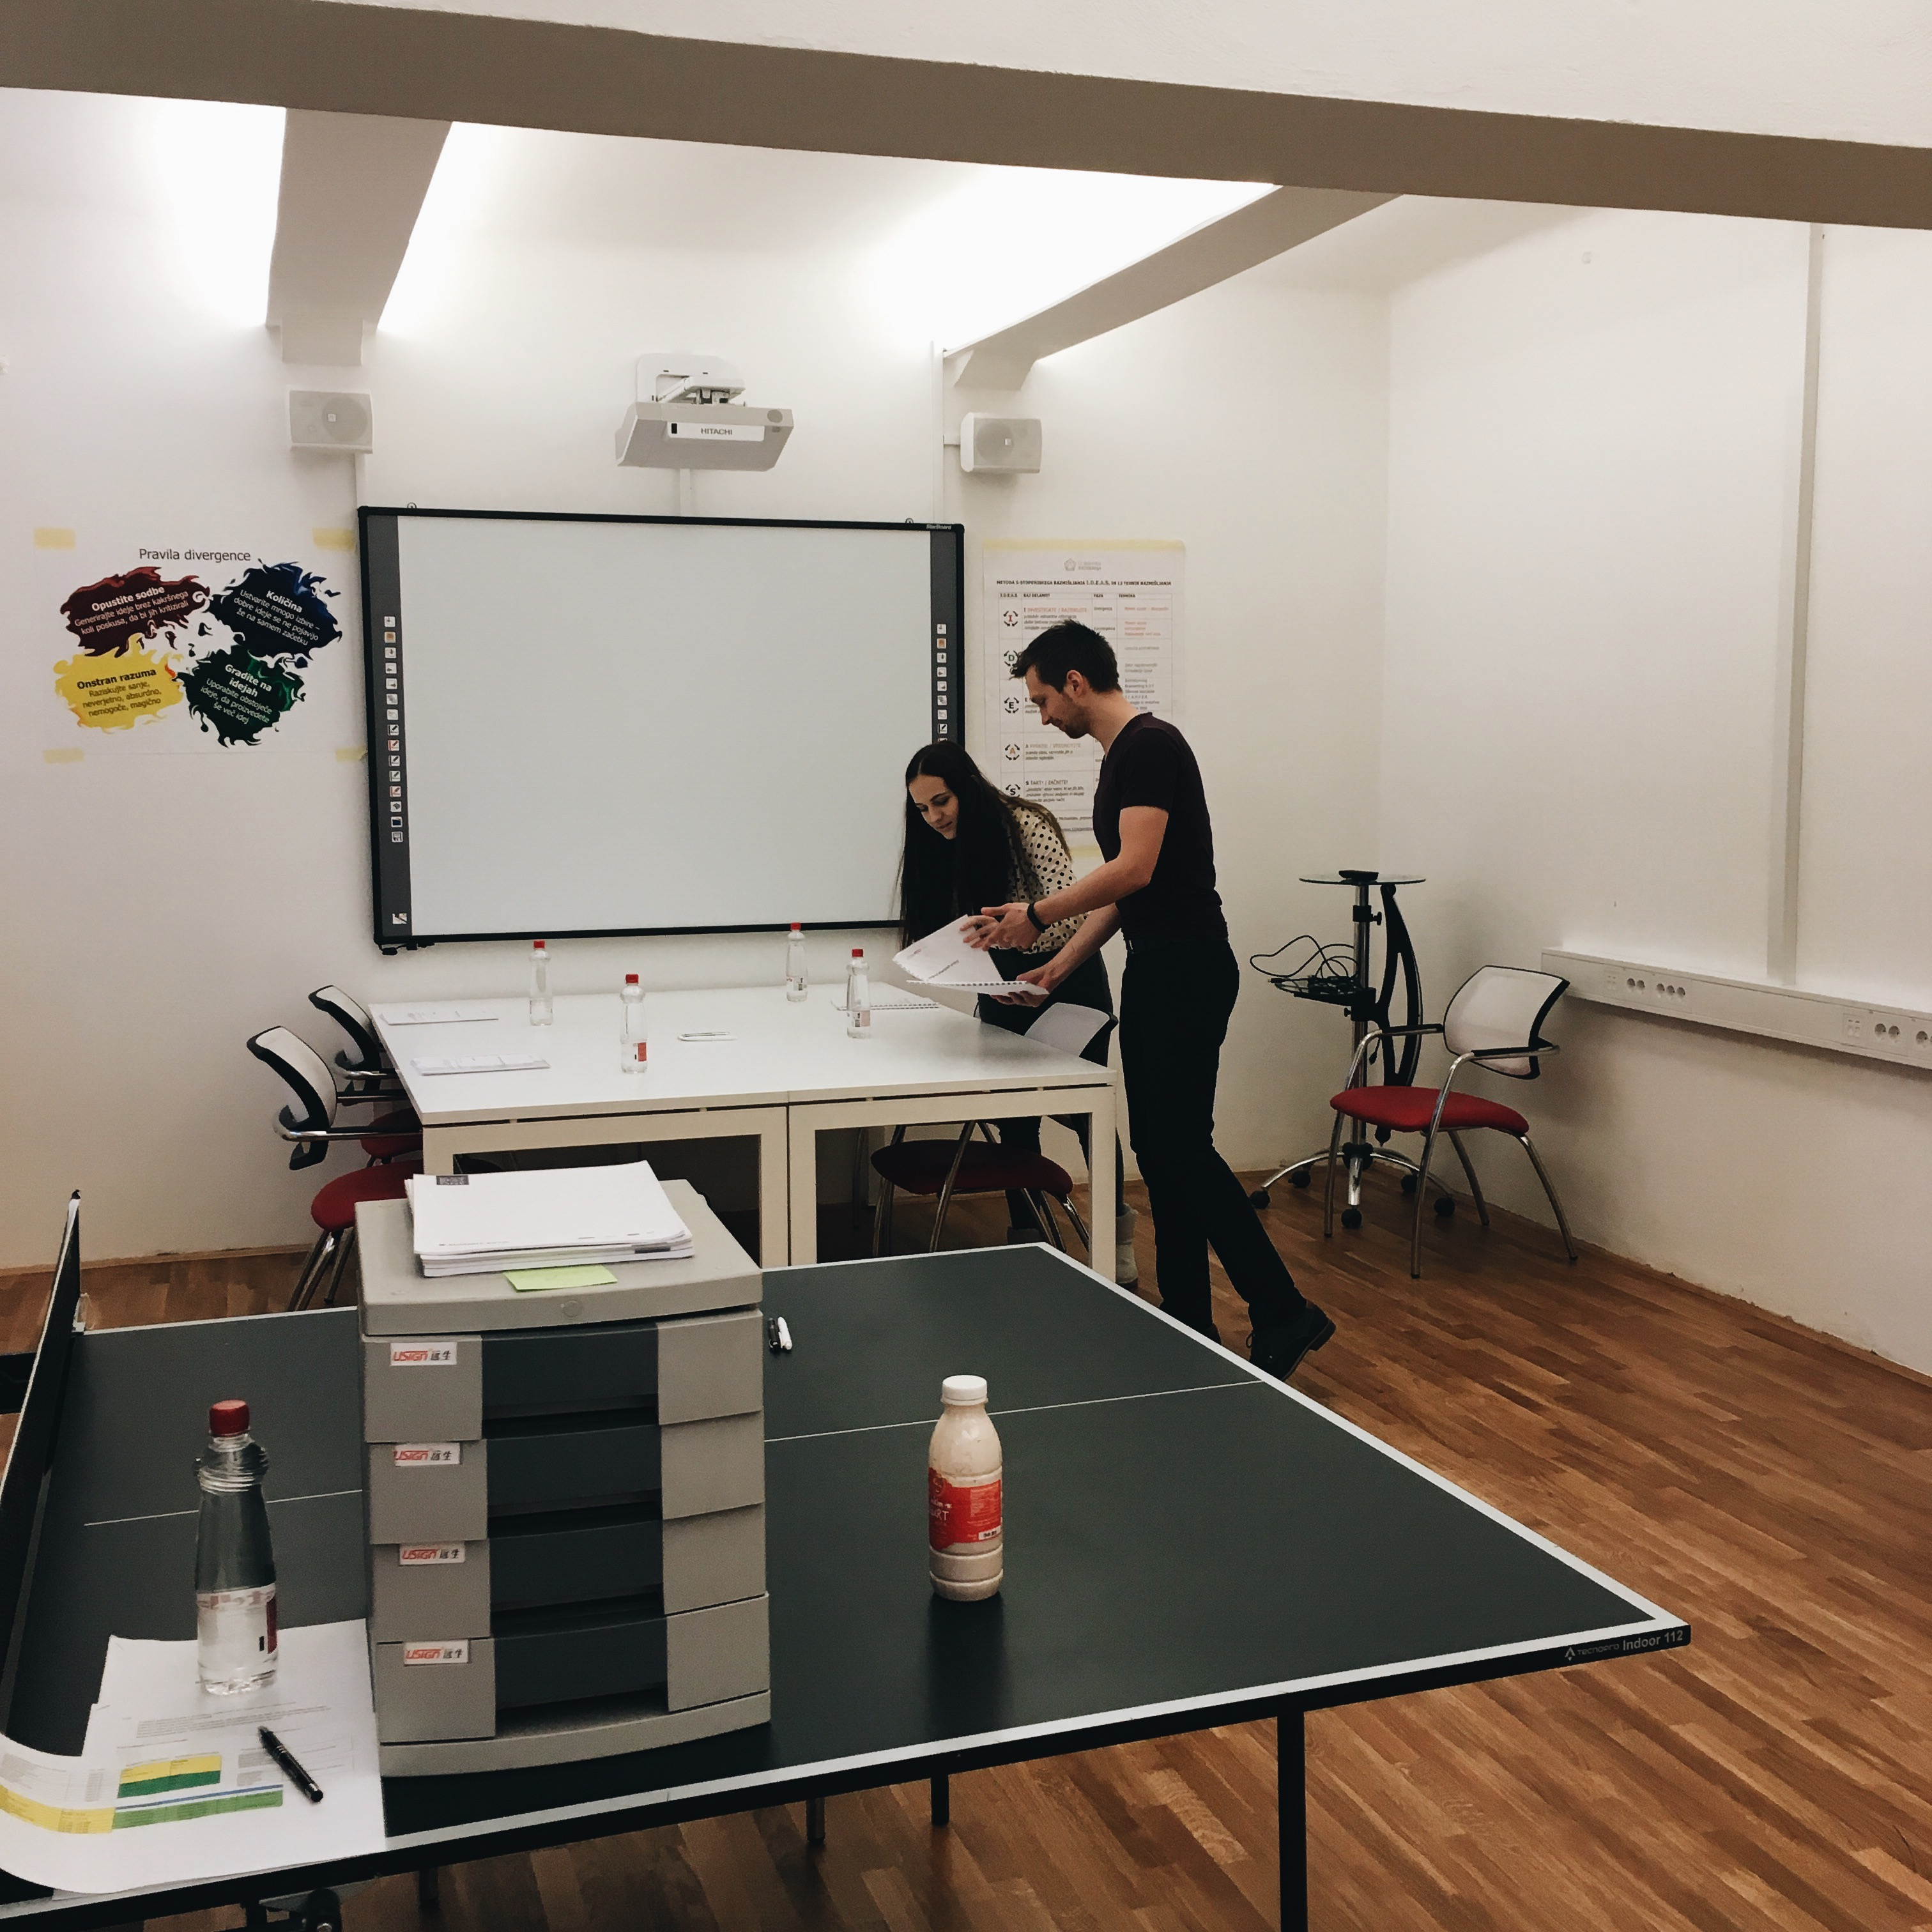 Naši prostori, pripravljeni na razvojni ocenjevalni center